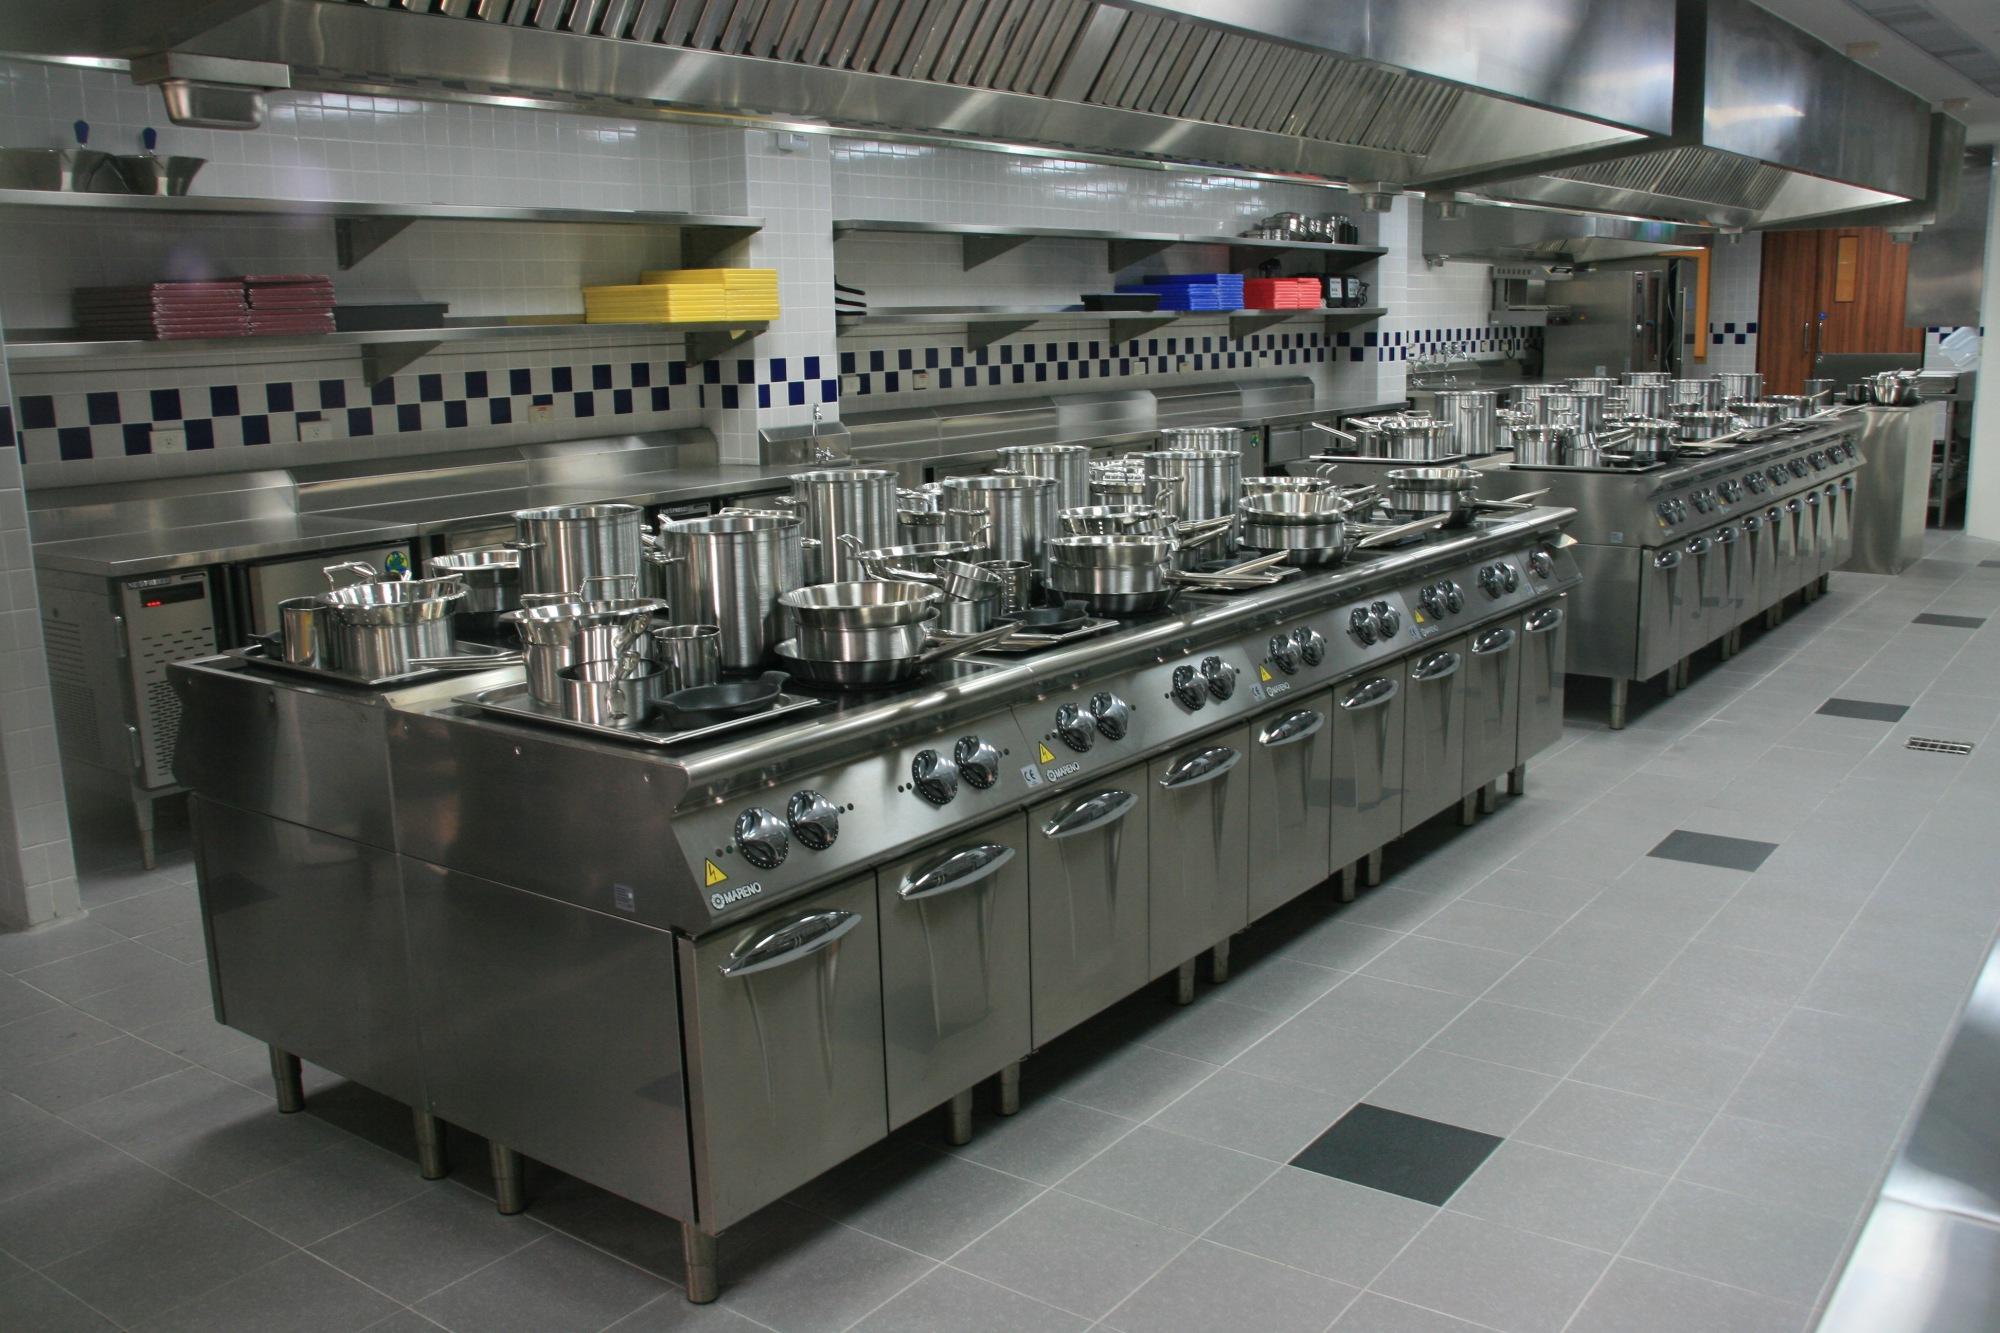 高餐藍帶廚藝卓越中心的廚具皆為法國藍帶指定使用的廚具。(圖/黃偉翔攝影)